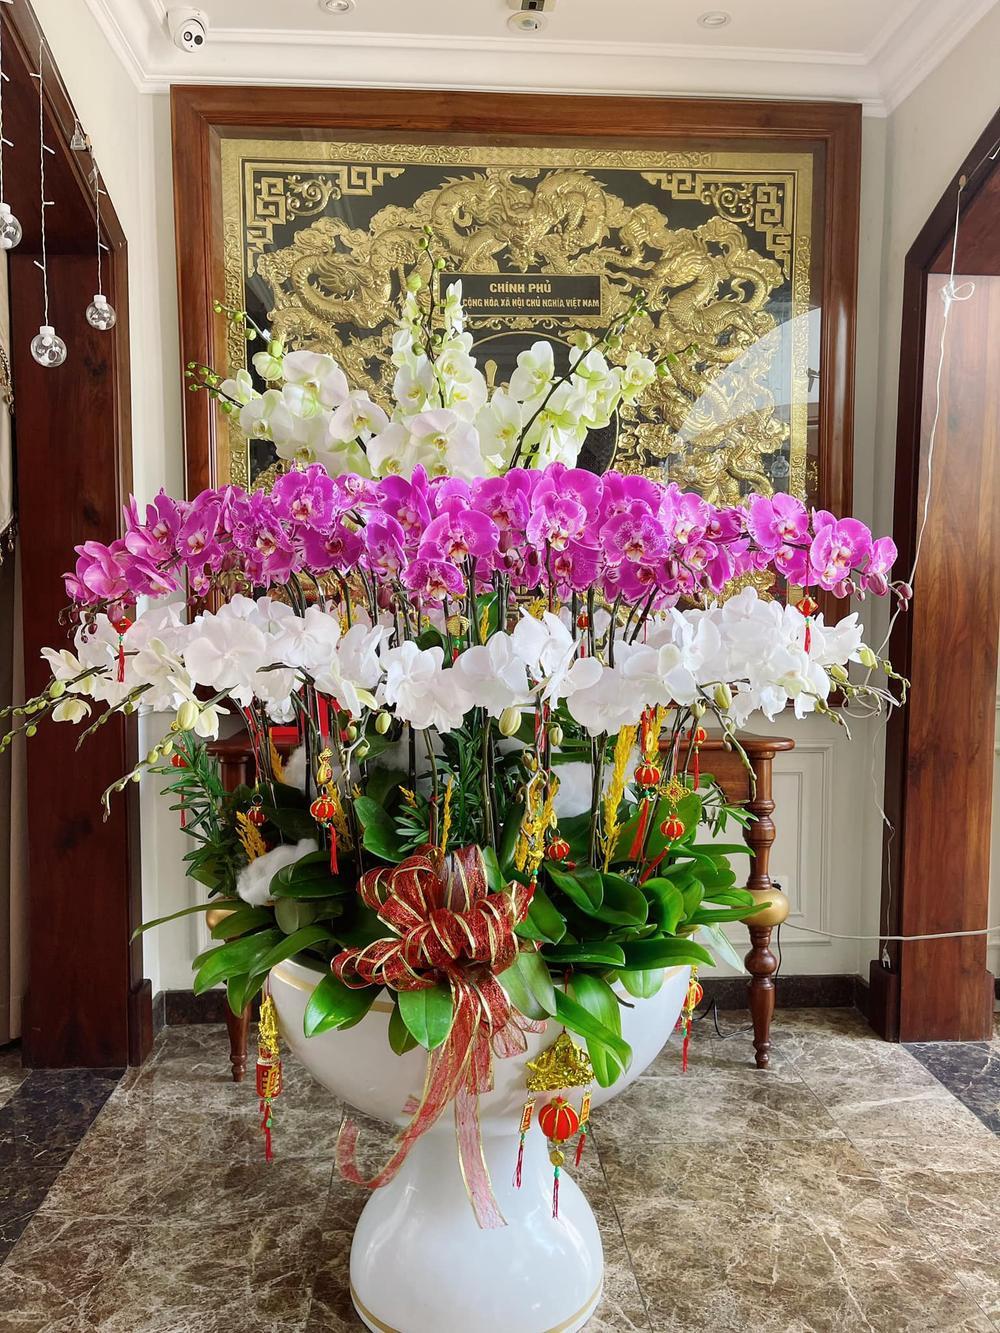 Sao Việt trang trí nhà cửa đón Tết: Ngọc Trinh - Bảo Thy chơi trội, Hà Tăng đơn giản nhưng vẫn 'xịn xò' Ảnh 6